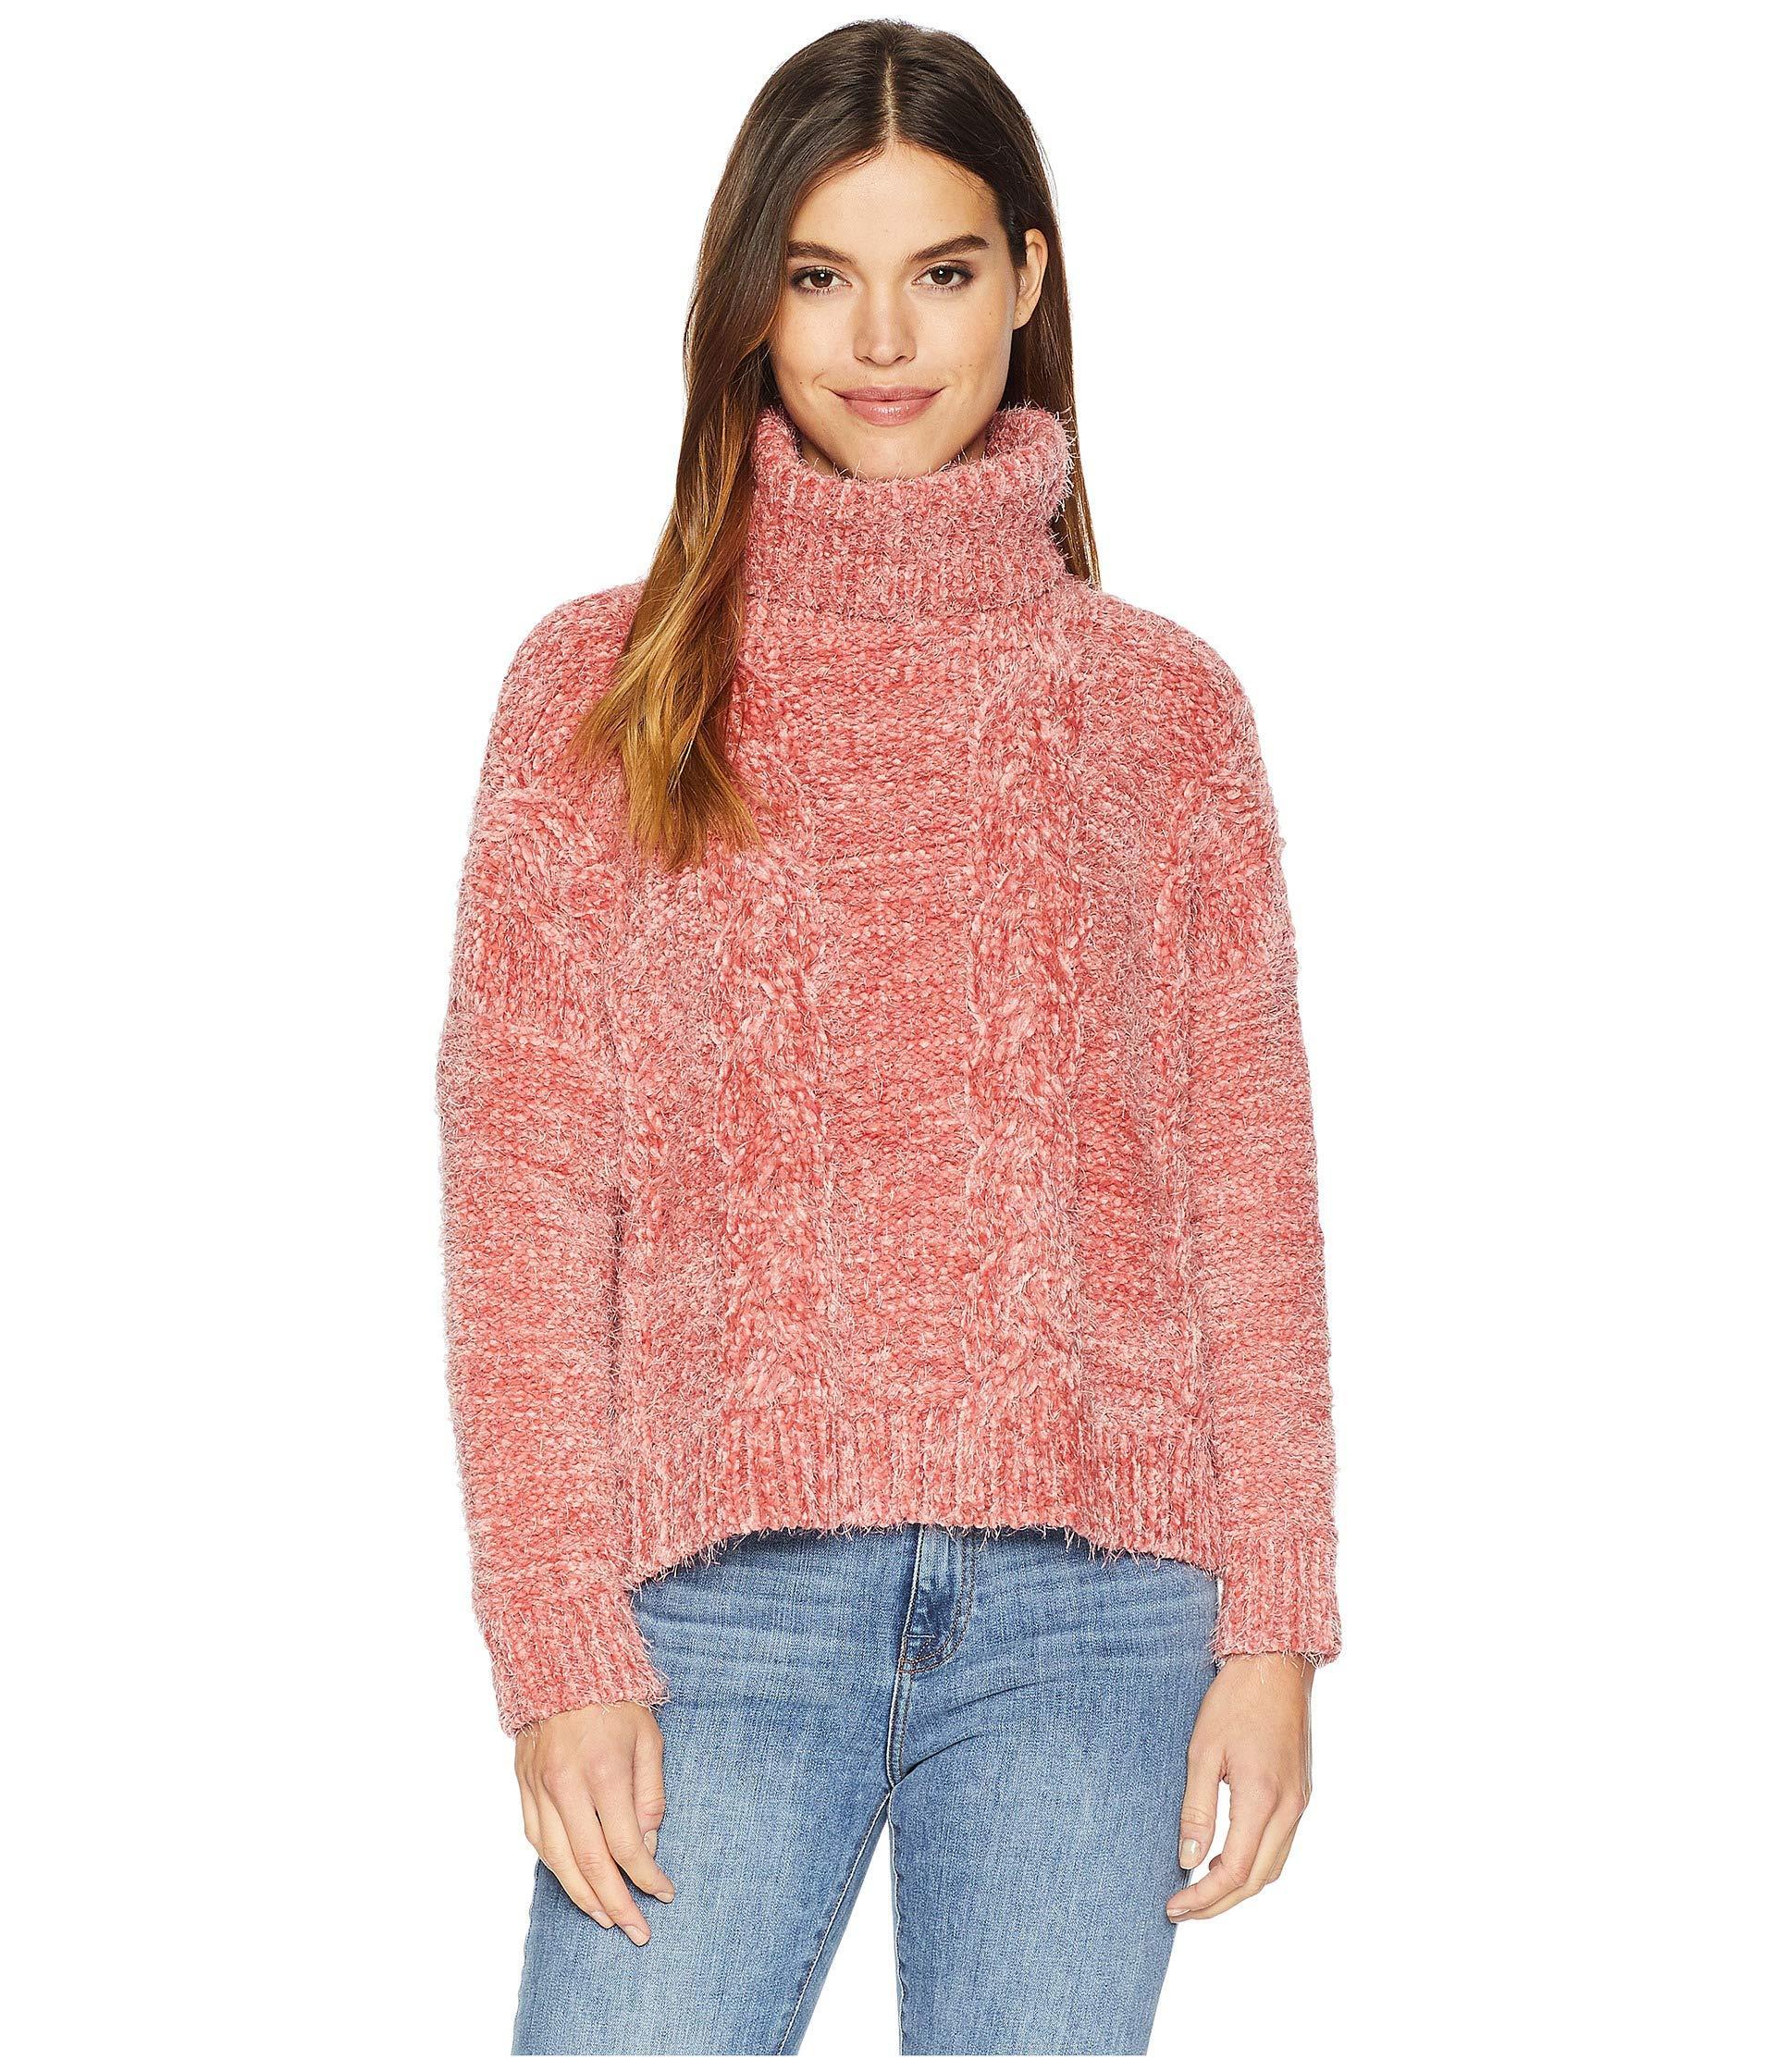 cecfe505e9b Jack BB Dakota. Women s Pink Eyelash Kisses Chenille Cable Knit Sweater